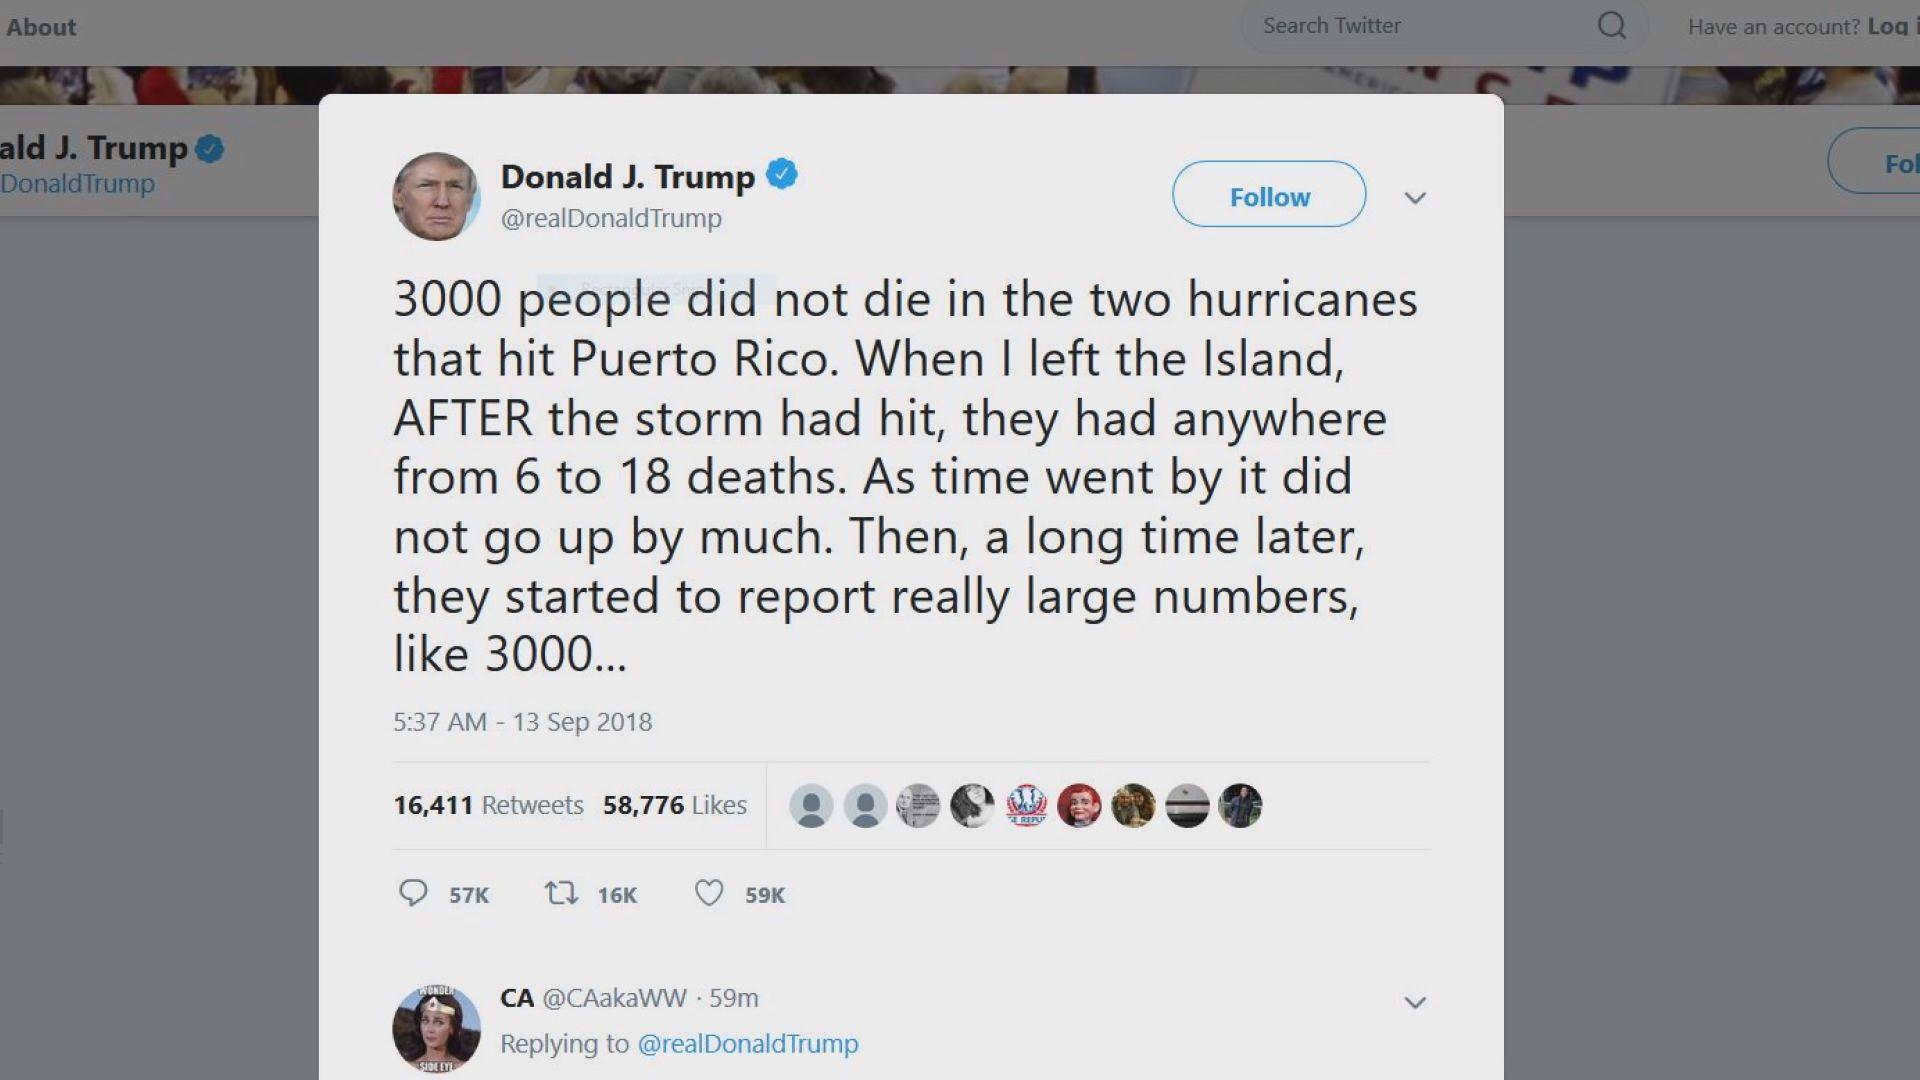 特朗普否認颶風報告死亡人數被批